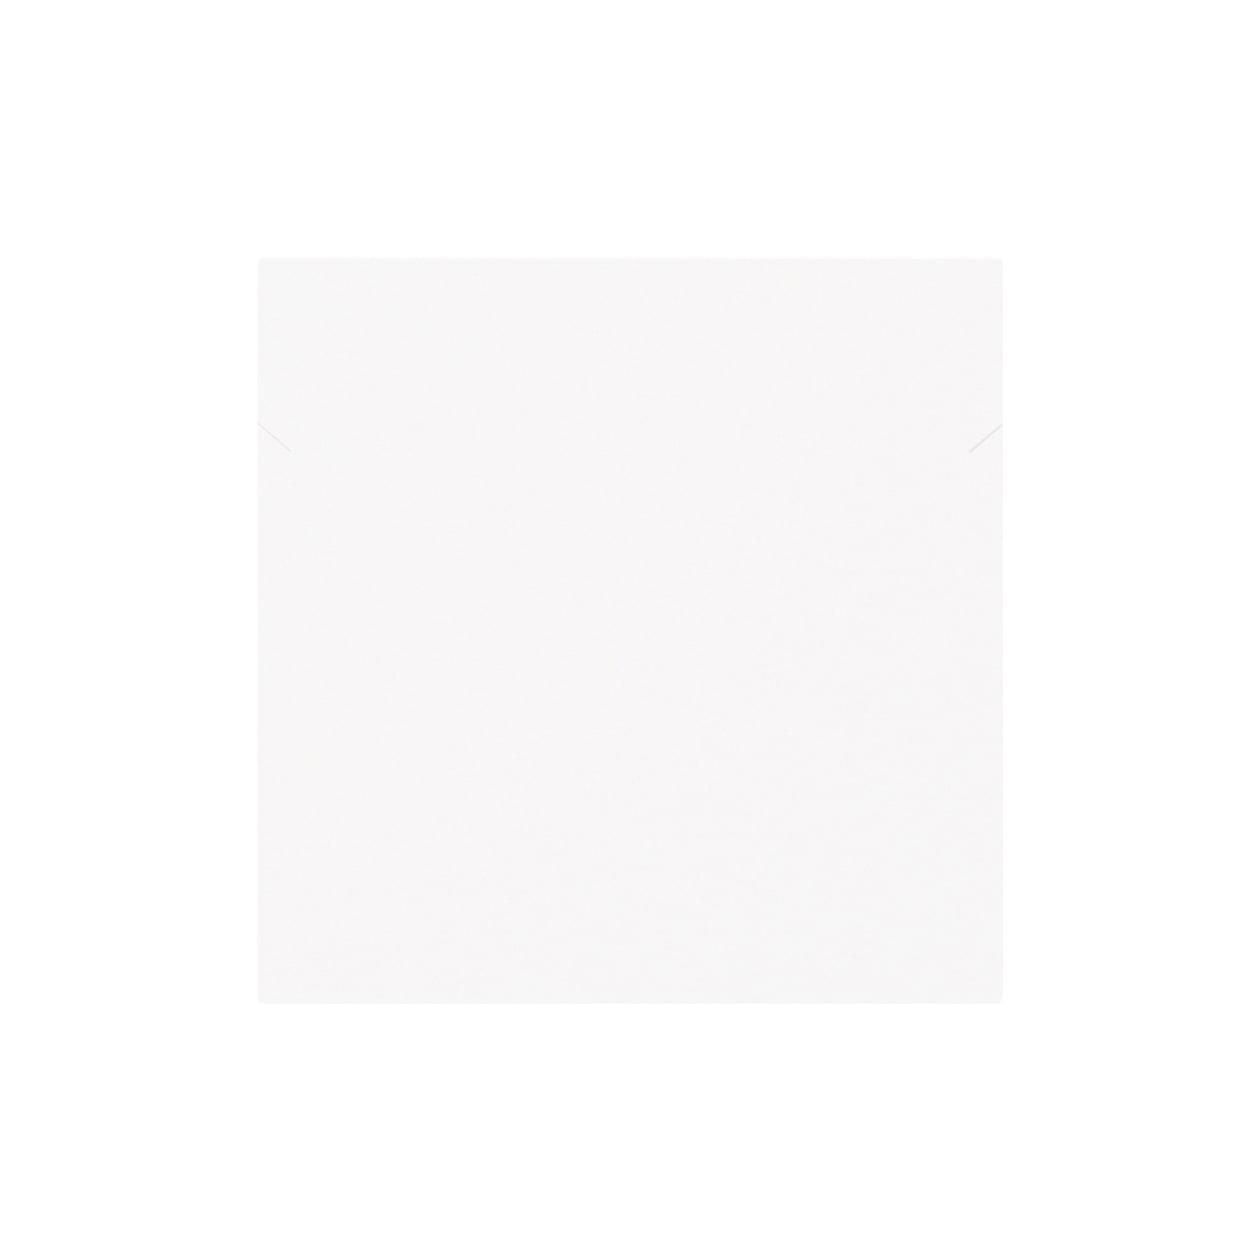 ネックレス台紙 90×90 コットンスノーホワイト 348.8g